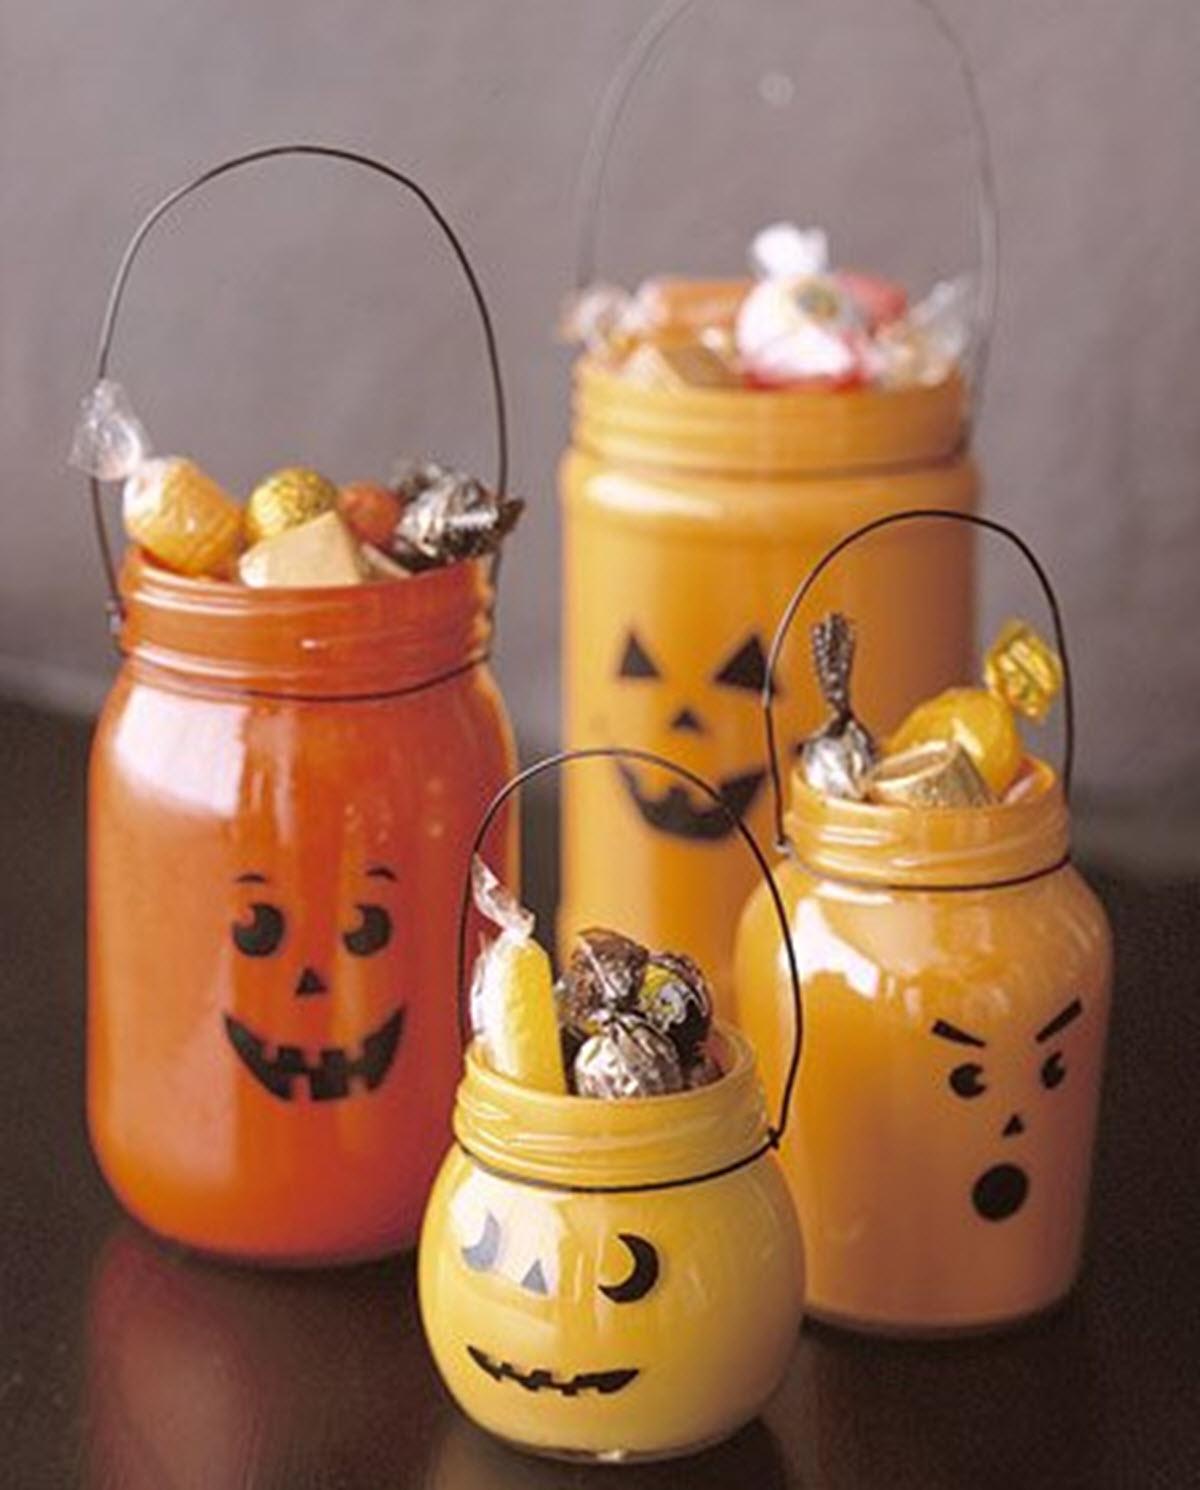 decoración de Halloween casera con botes de cristal